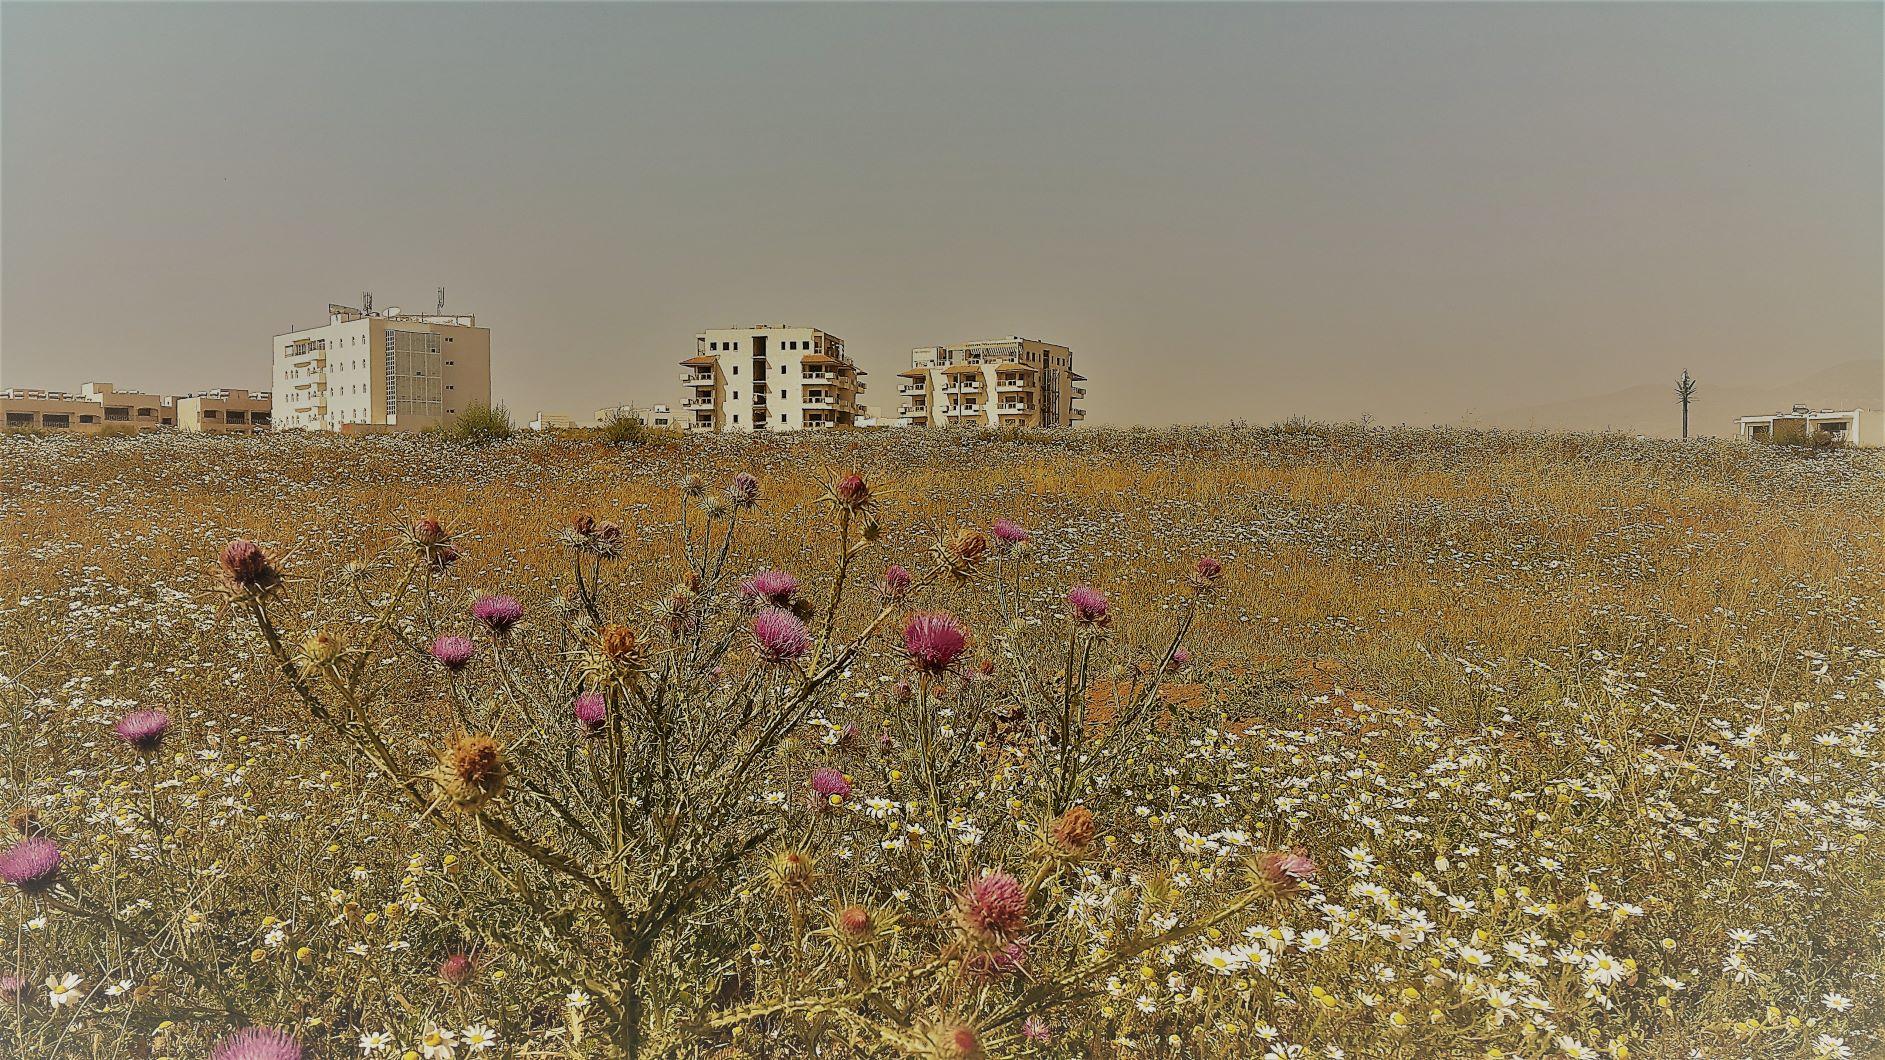 Le terrain d'un futur centre commercial en fleurs. Les ruines au fond à droite paraissent presque romantique.